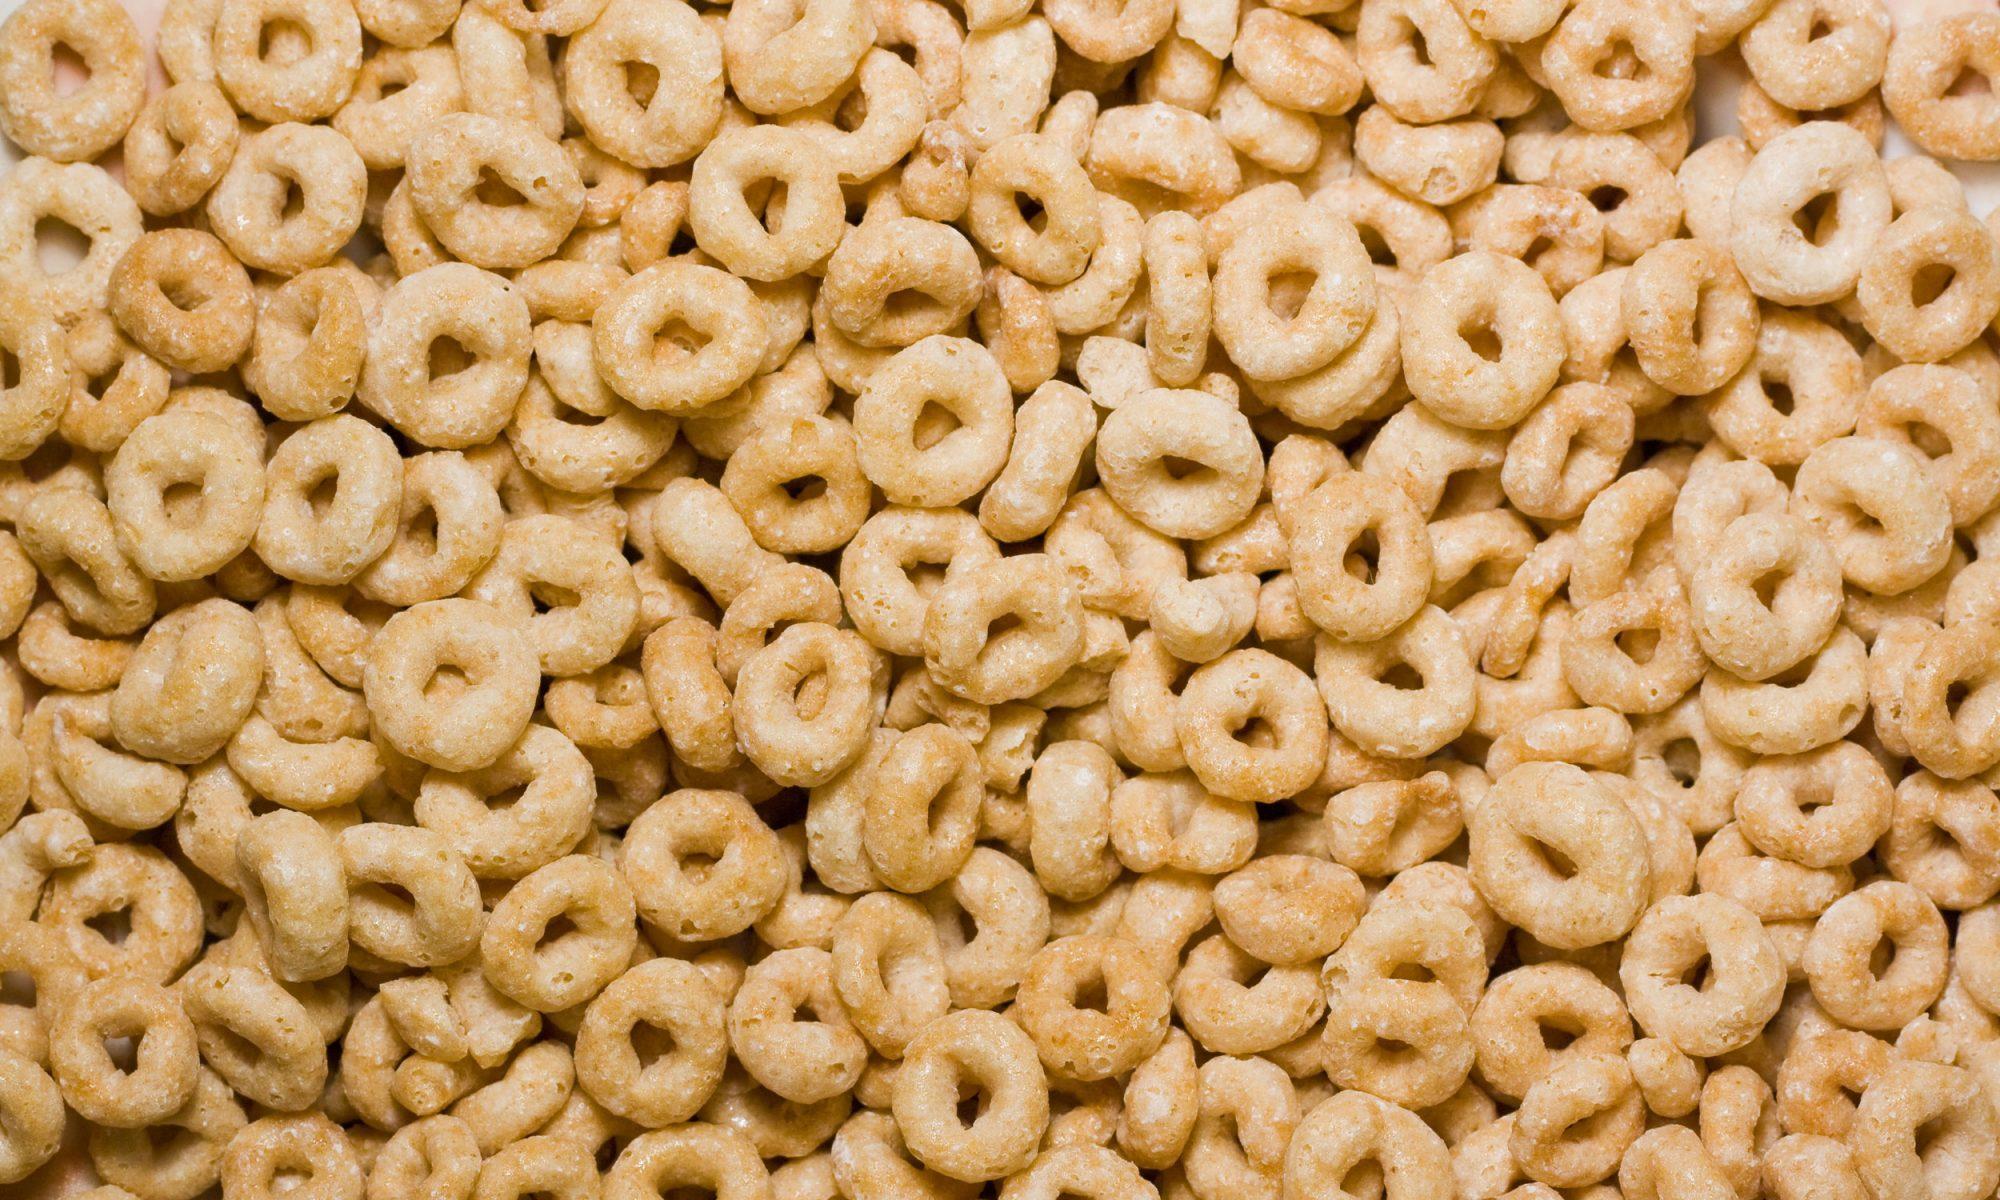 EC: How Cheerios Got Their Shape